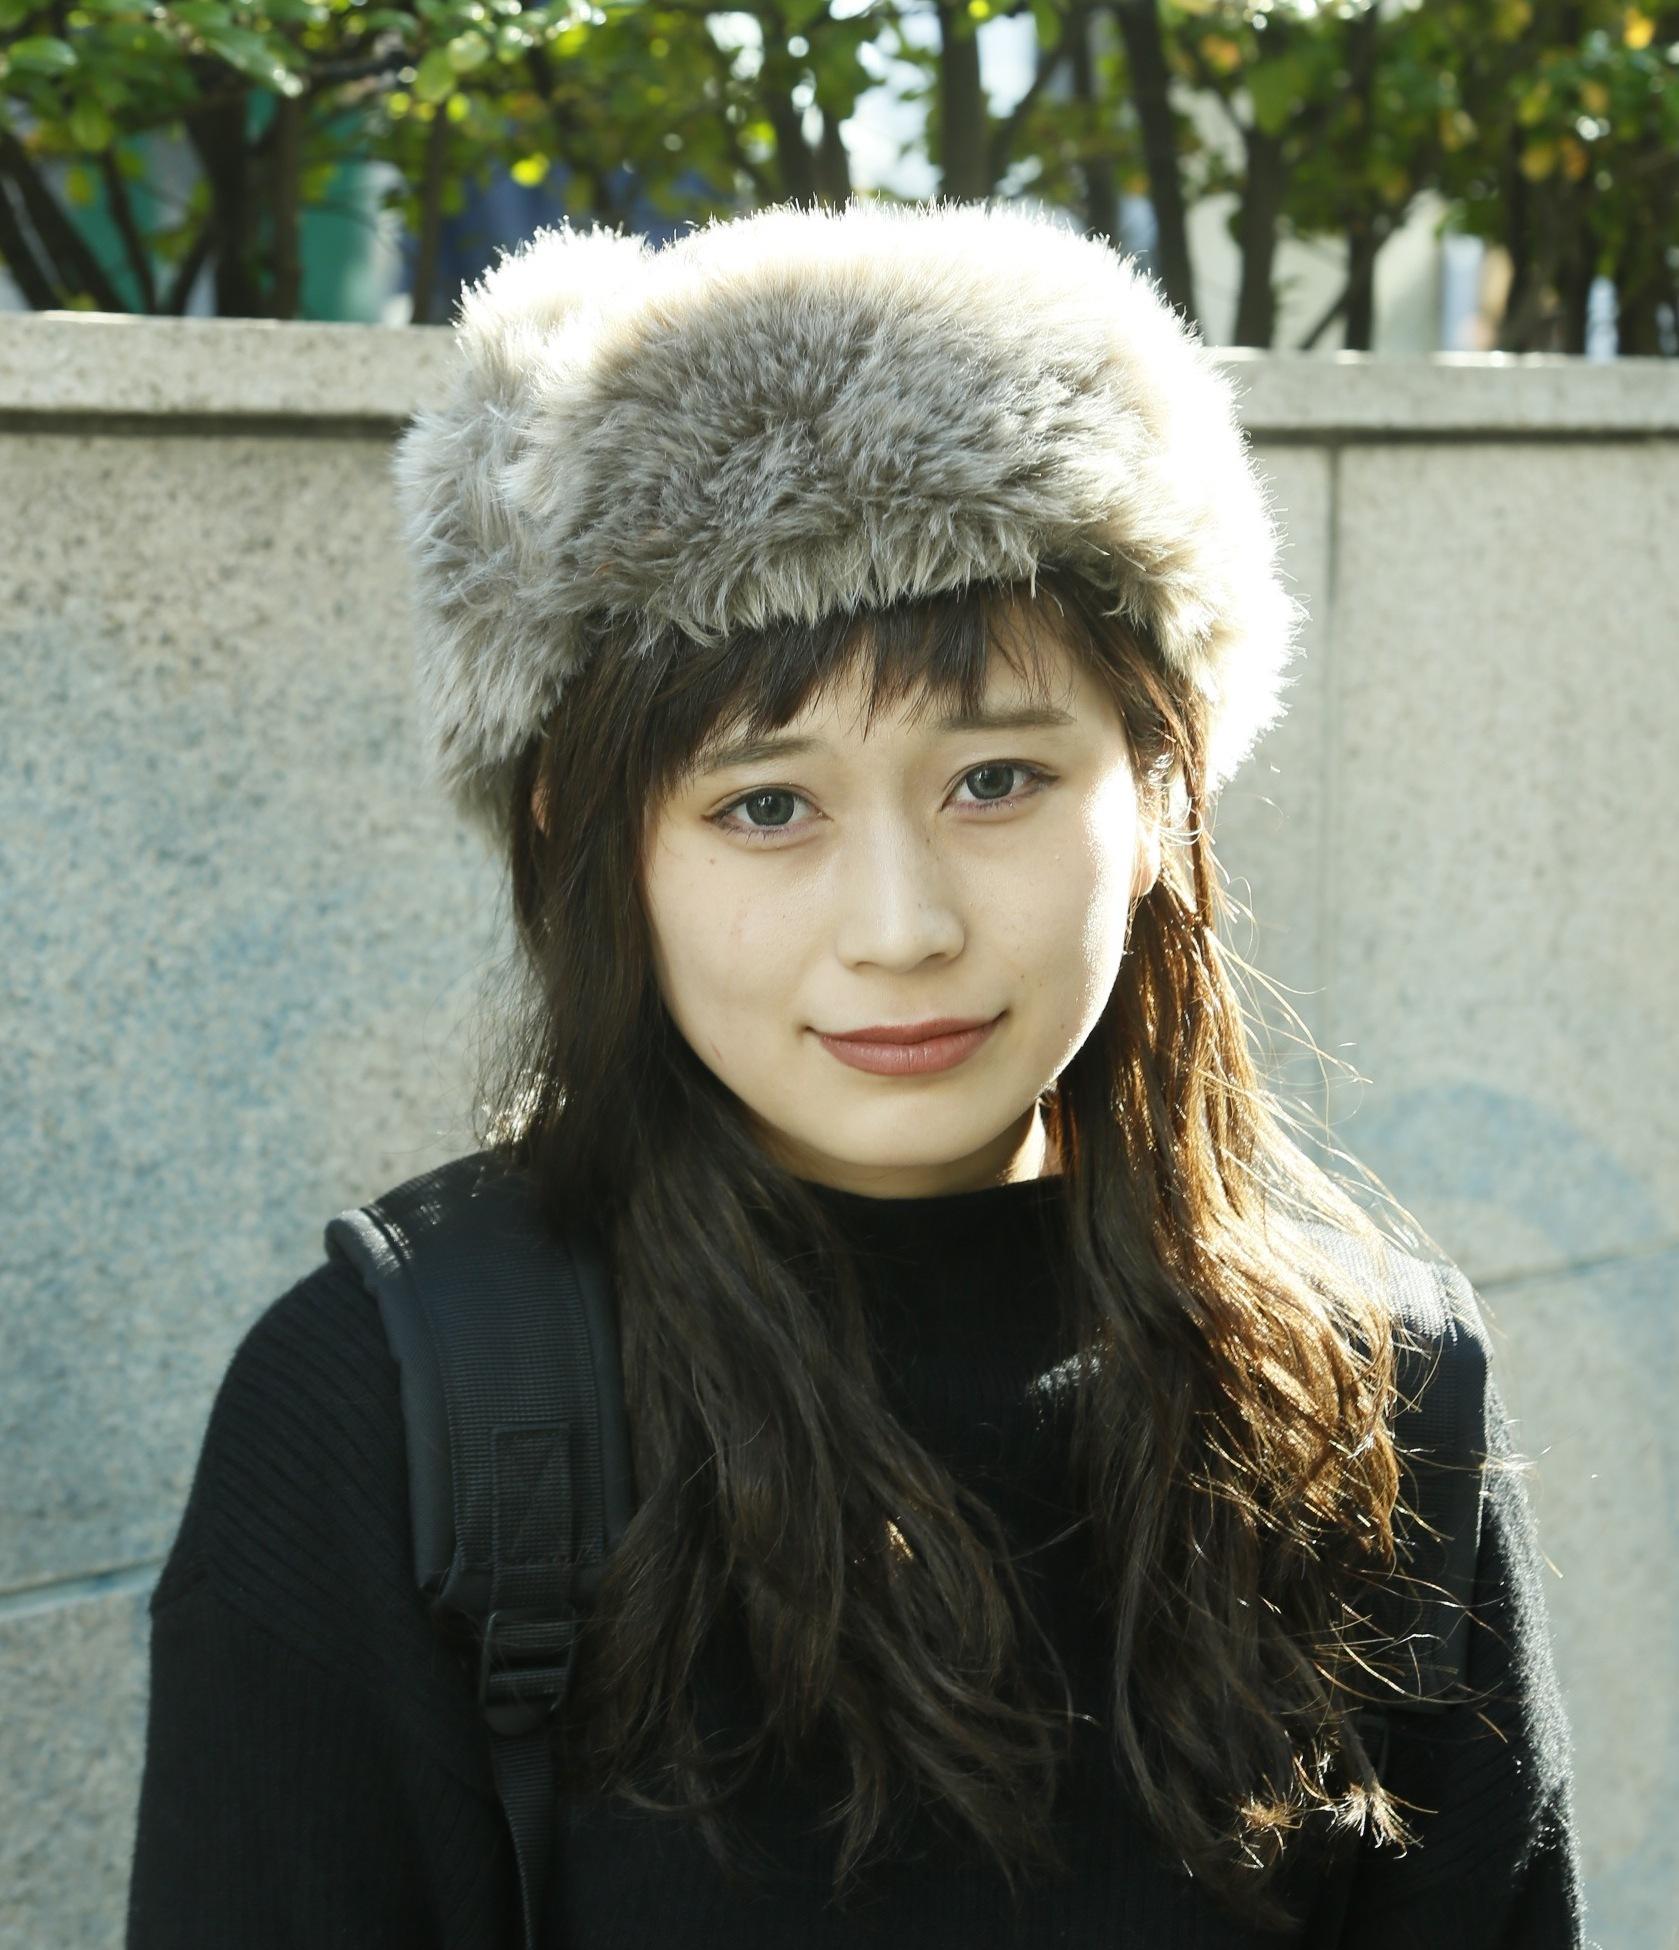 【女子SNAP】SJ美女図鑑<br />田辺絵莉子さん・フリーター